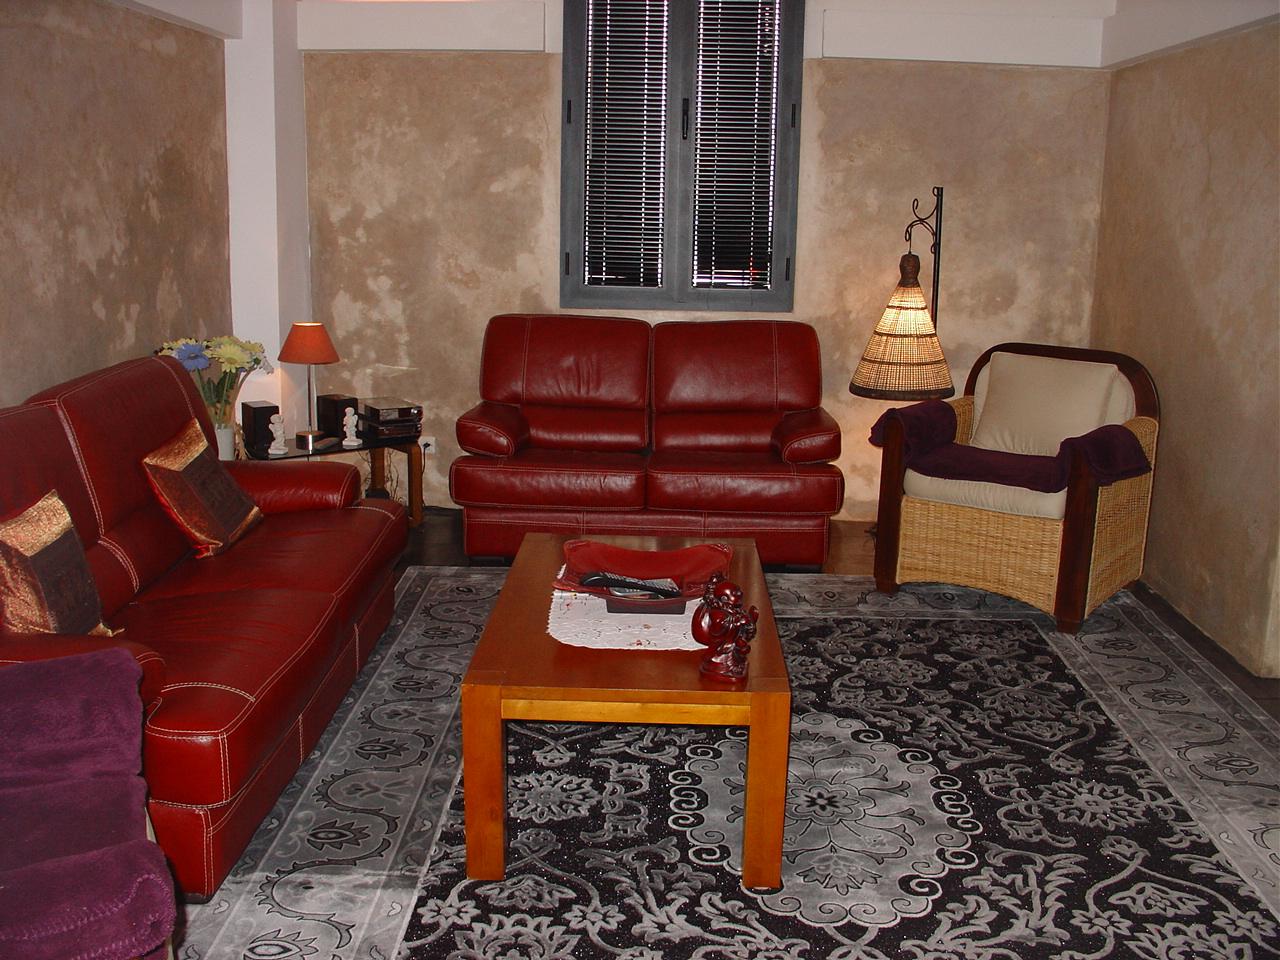 Chambres d\'Hôtes El jadida dans une villa avec Hammam et spa